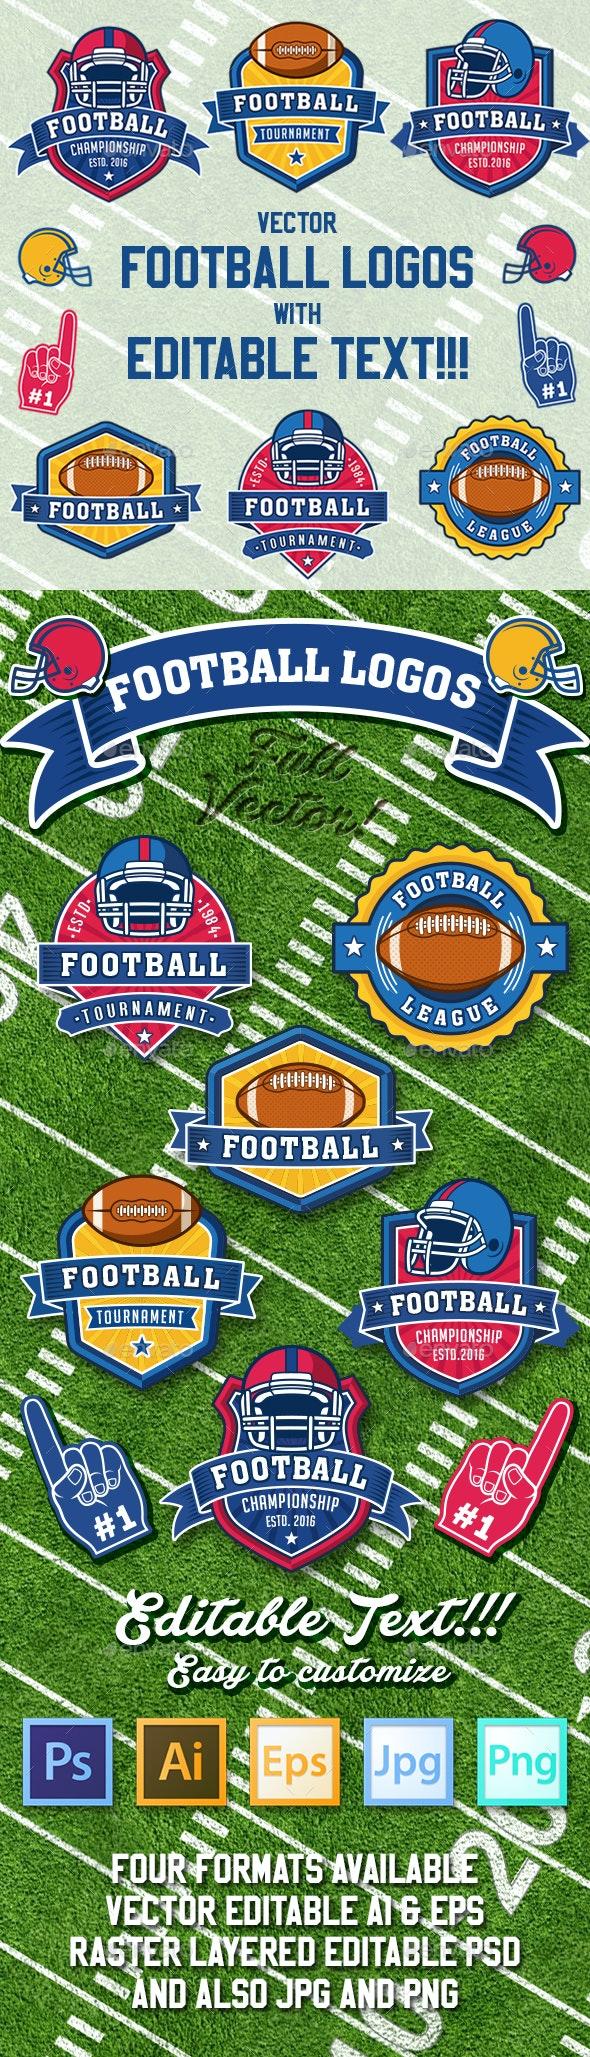 American Football Vector Logos - Sports/Activity Conceptual